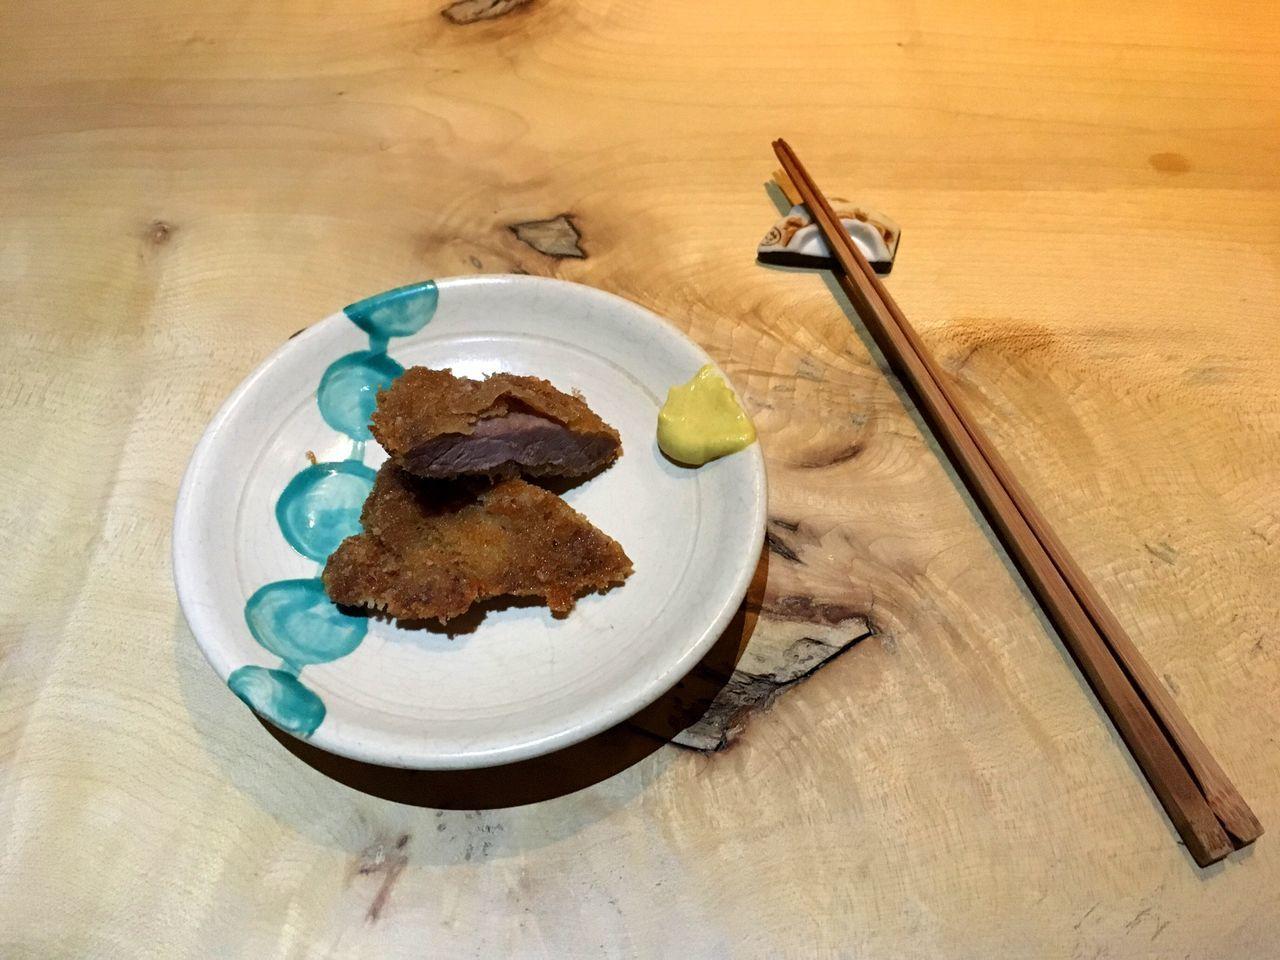 Dinner Schnitzel Japanese Food Mustard Minimalism Plating